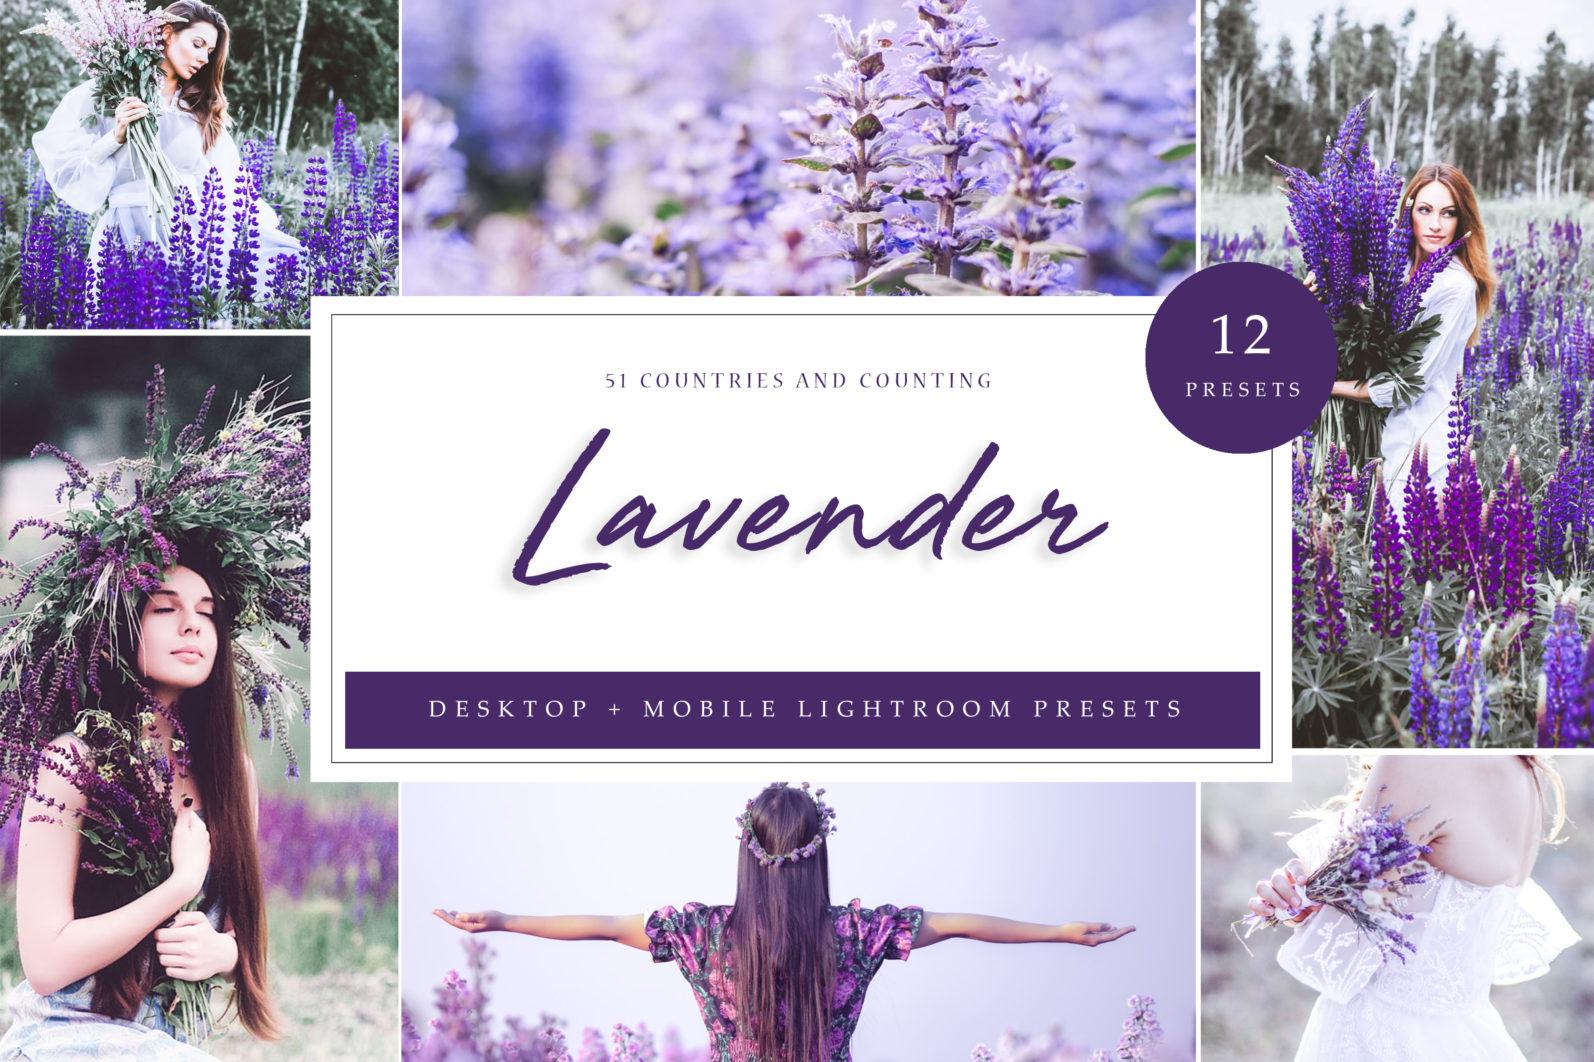 65 x Lightroom Presets (Mobile and Desktop Bundle) inspired by Spring - Lavender LR scaled -